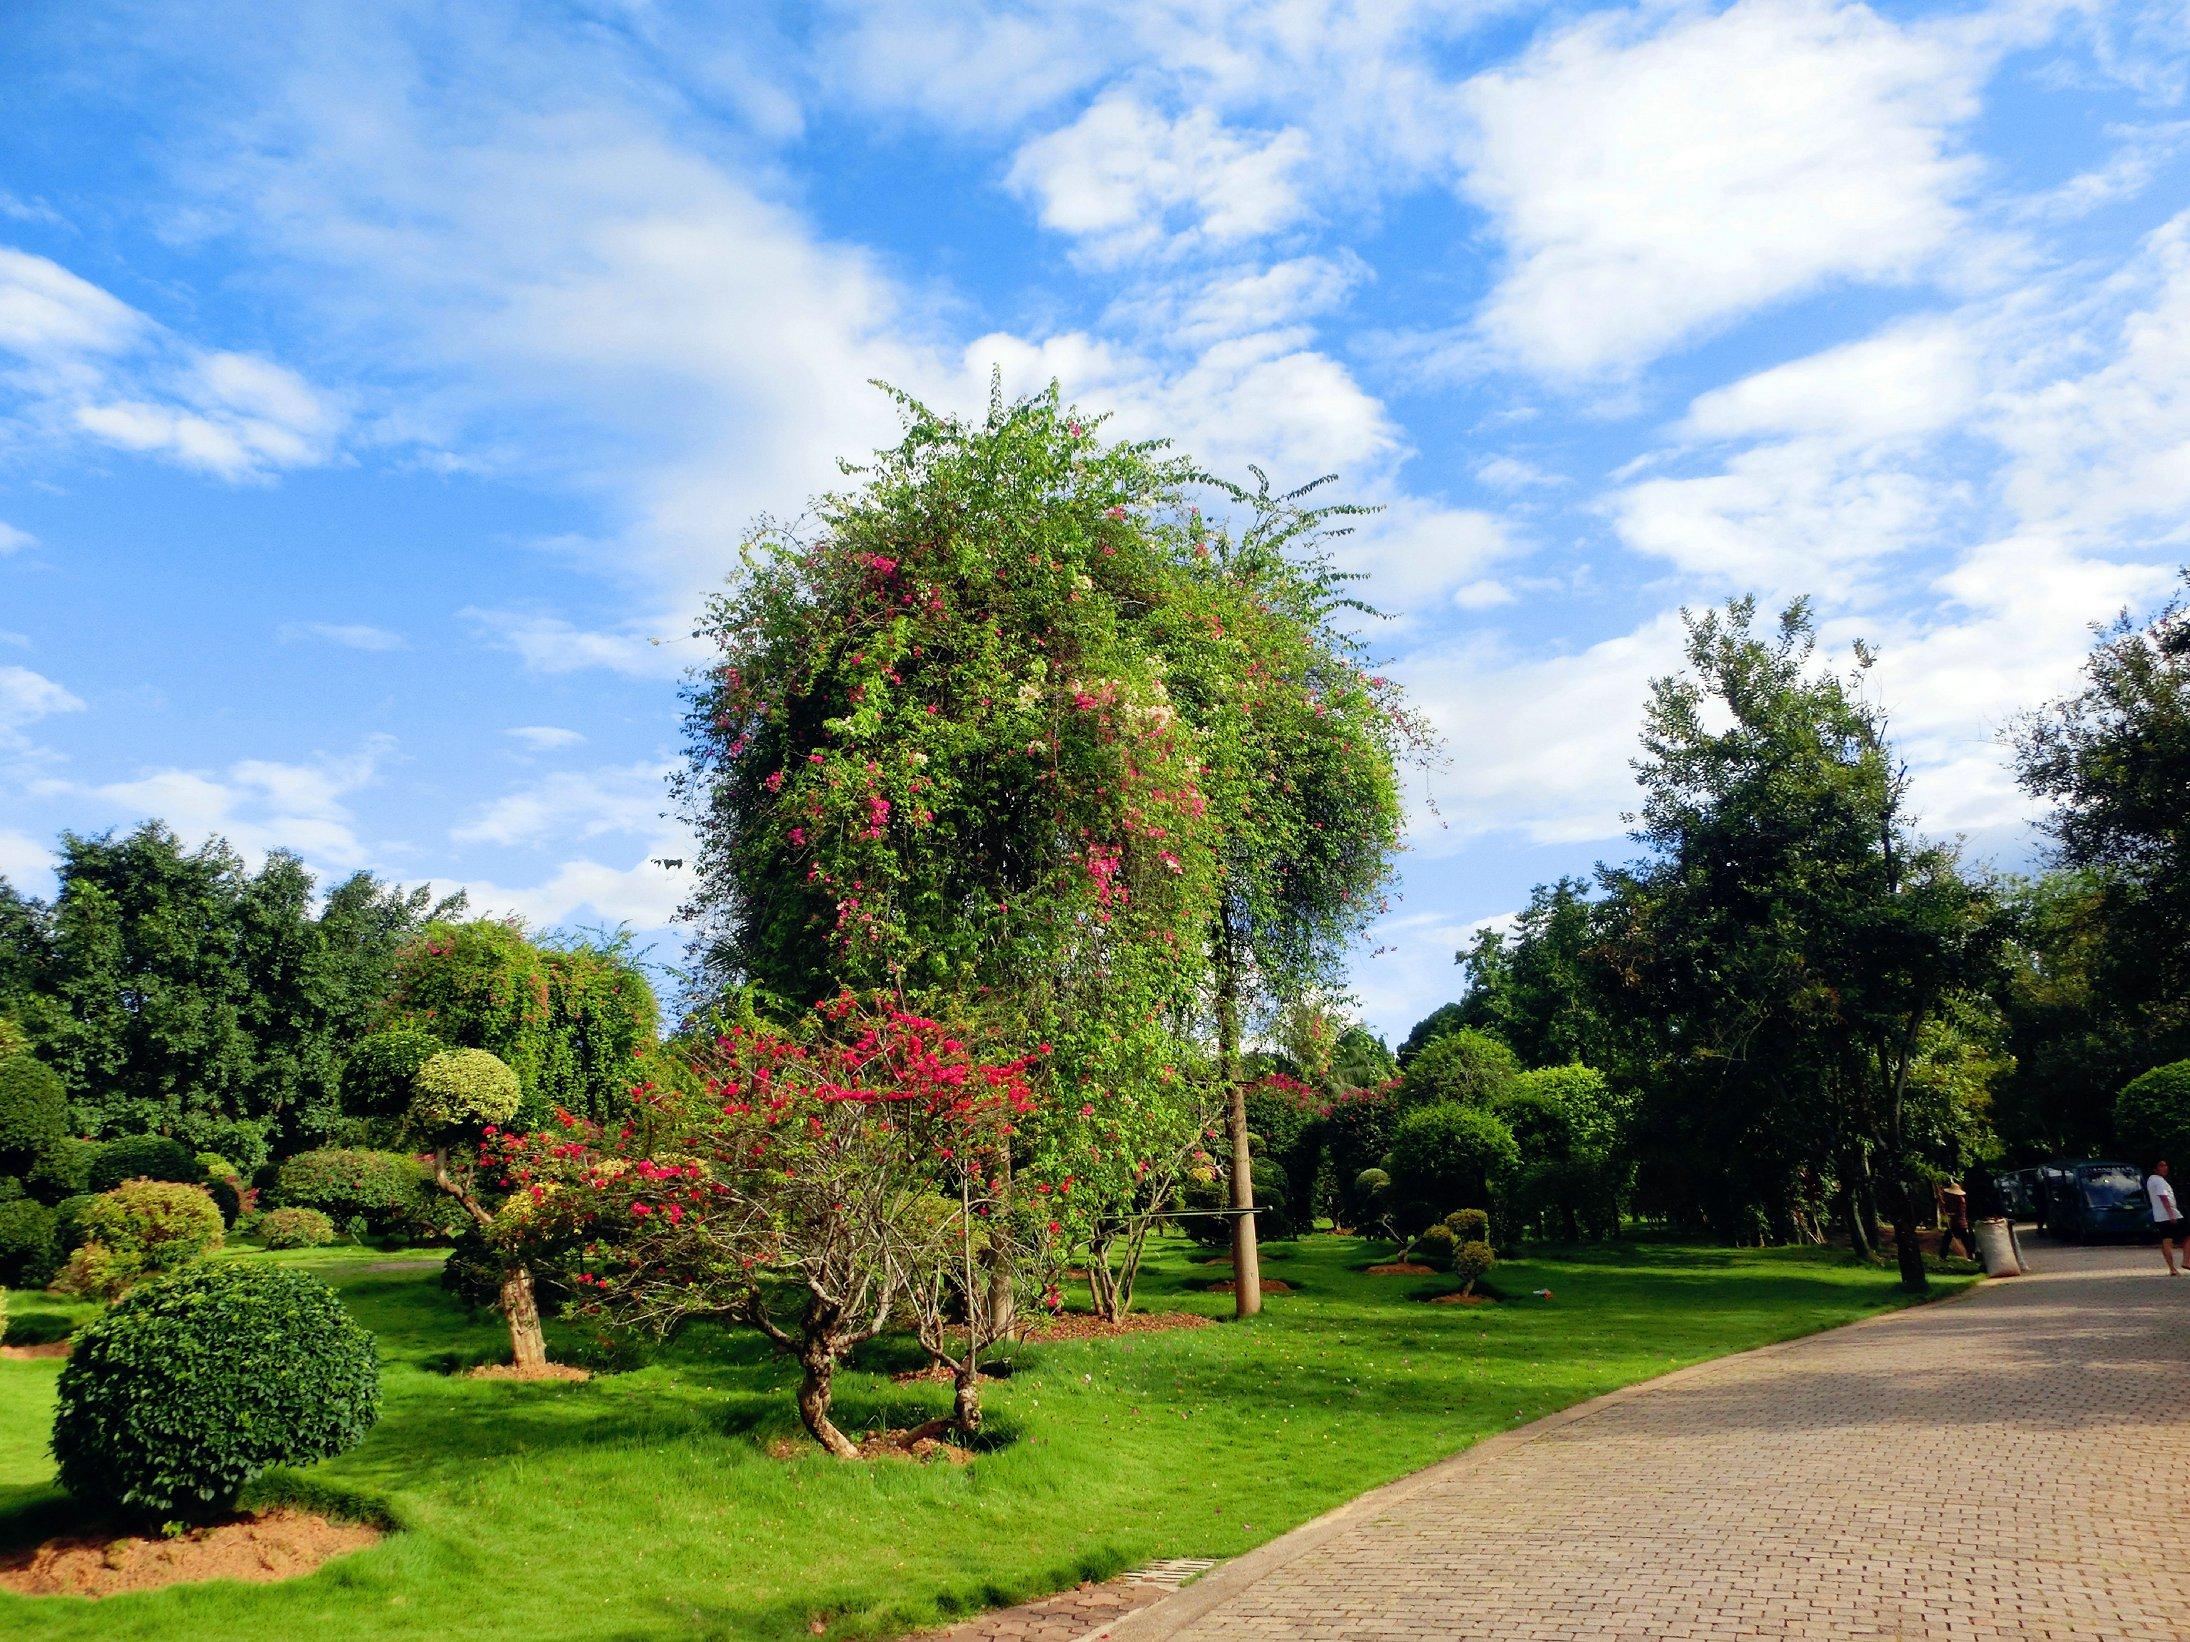 园_专线游热带花卉园——美图来袭,一次让你看个够